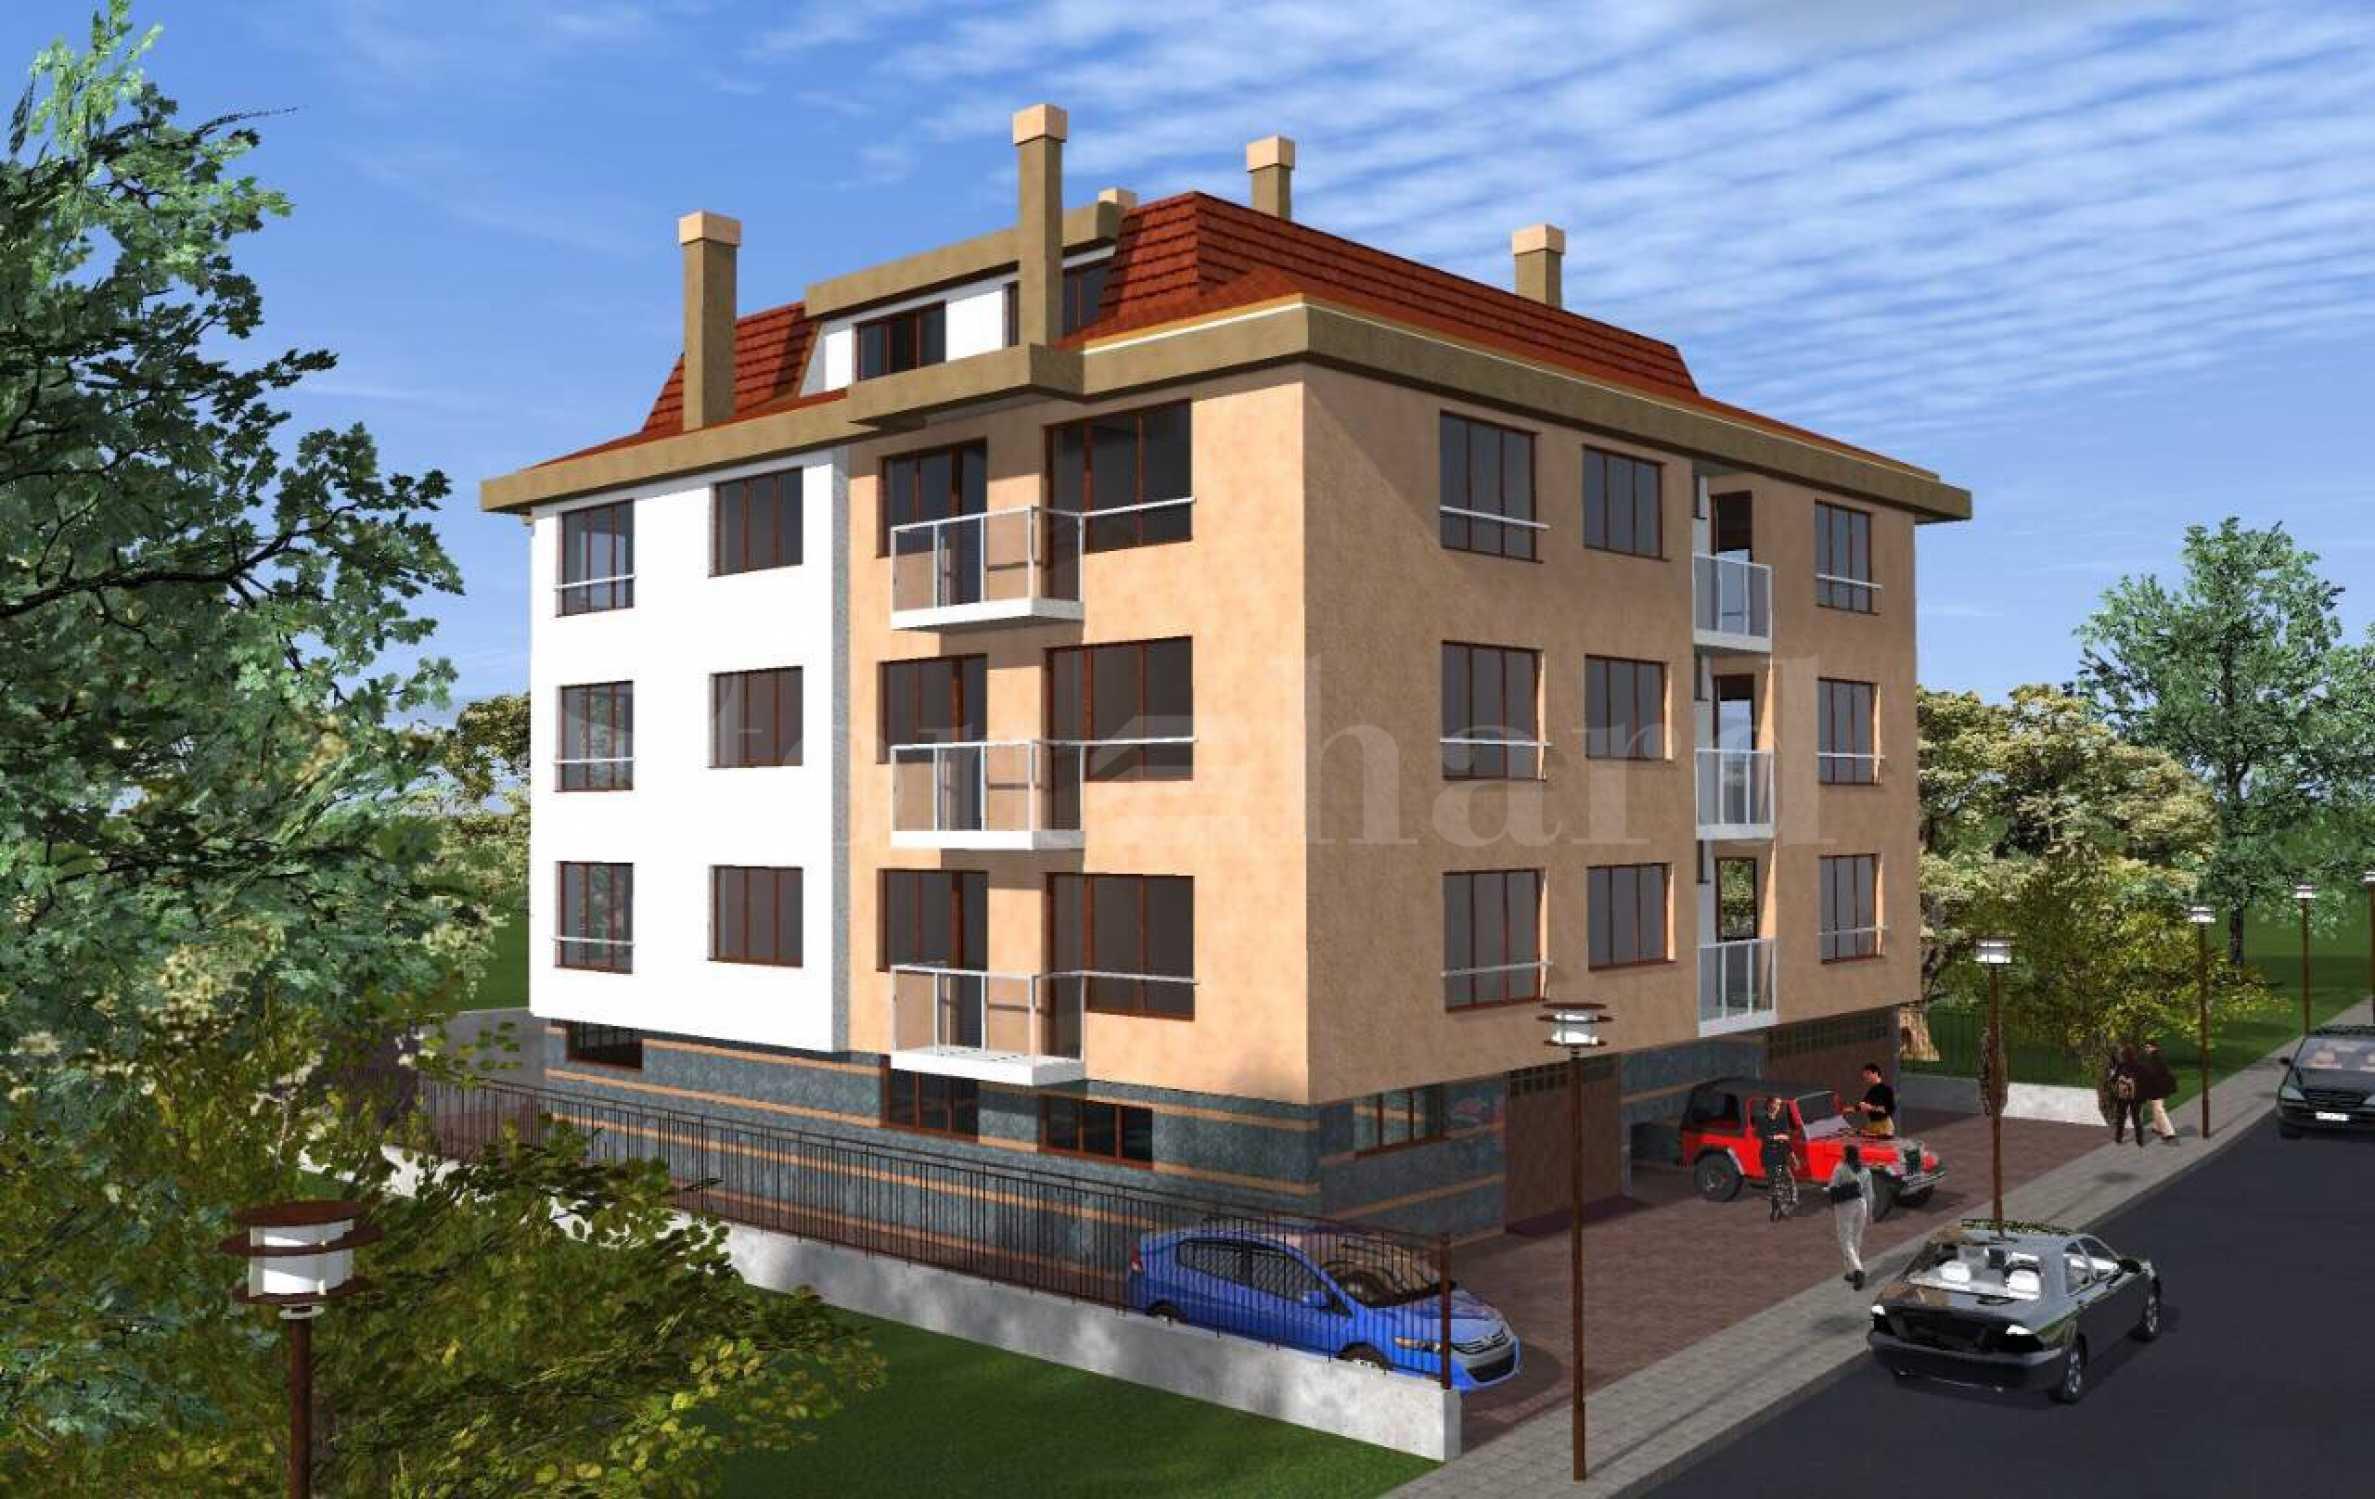 Сграда с ограничен брой апартаменти и предстоящ Акт 161 - Stonehard